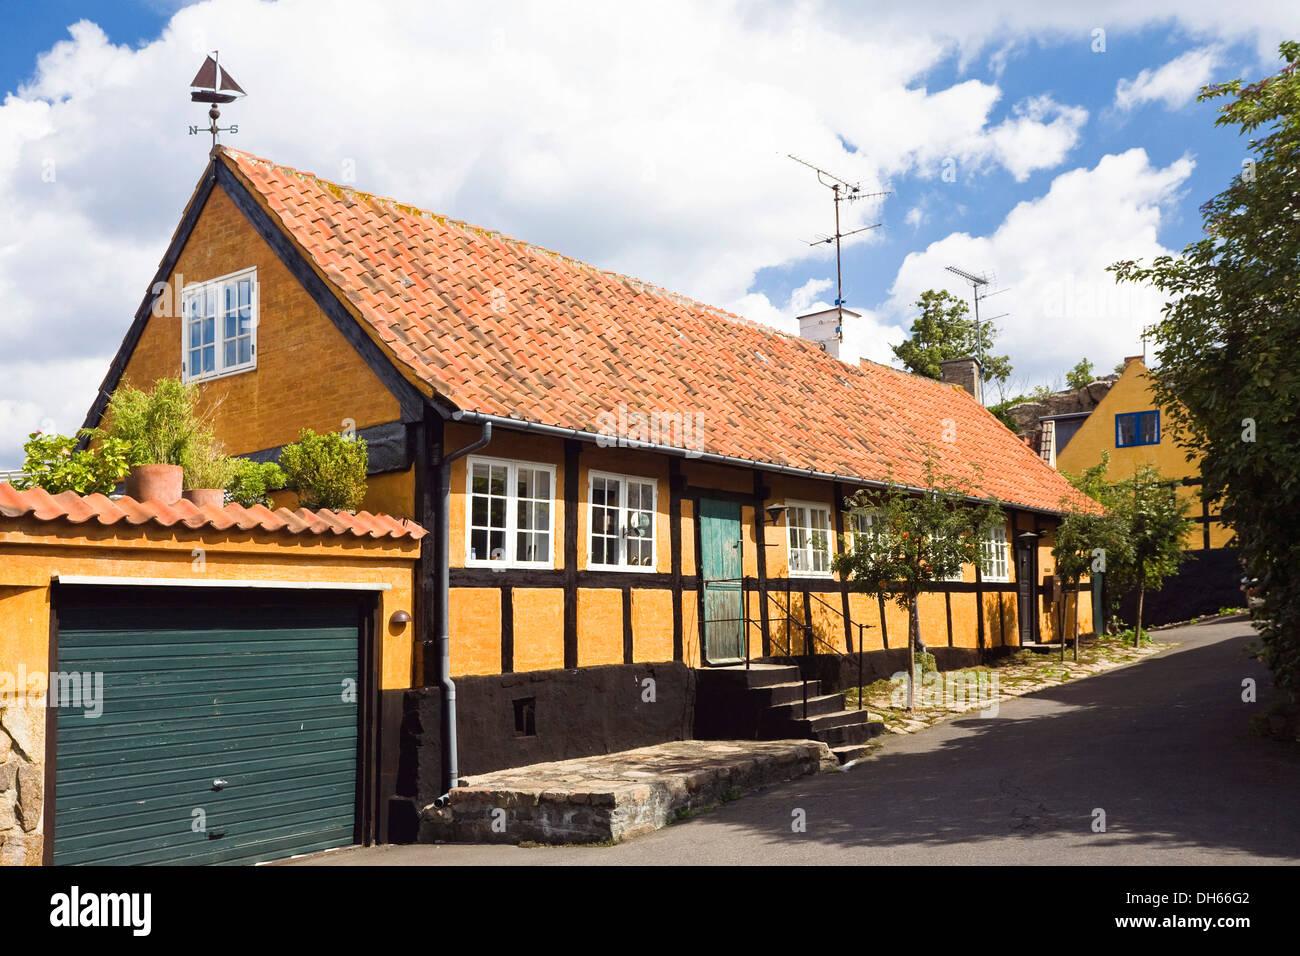 Timber Framed Houses In Gudhjem Village Bornholm Denmark